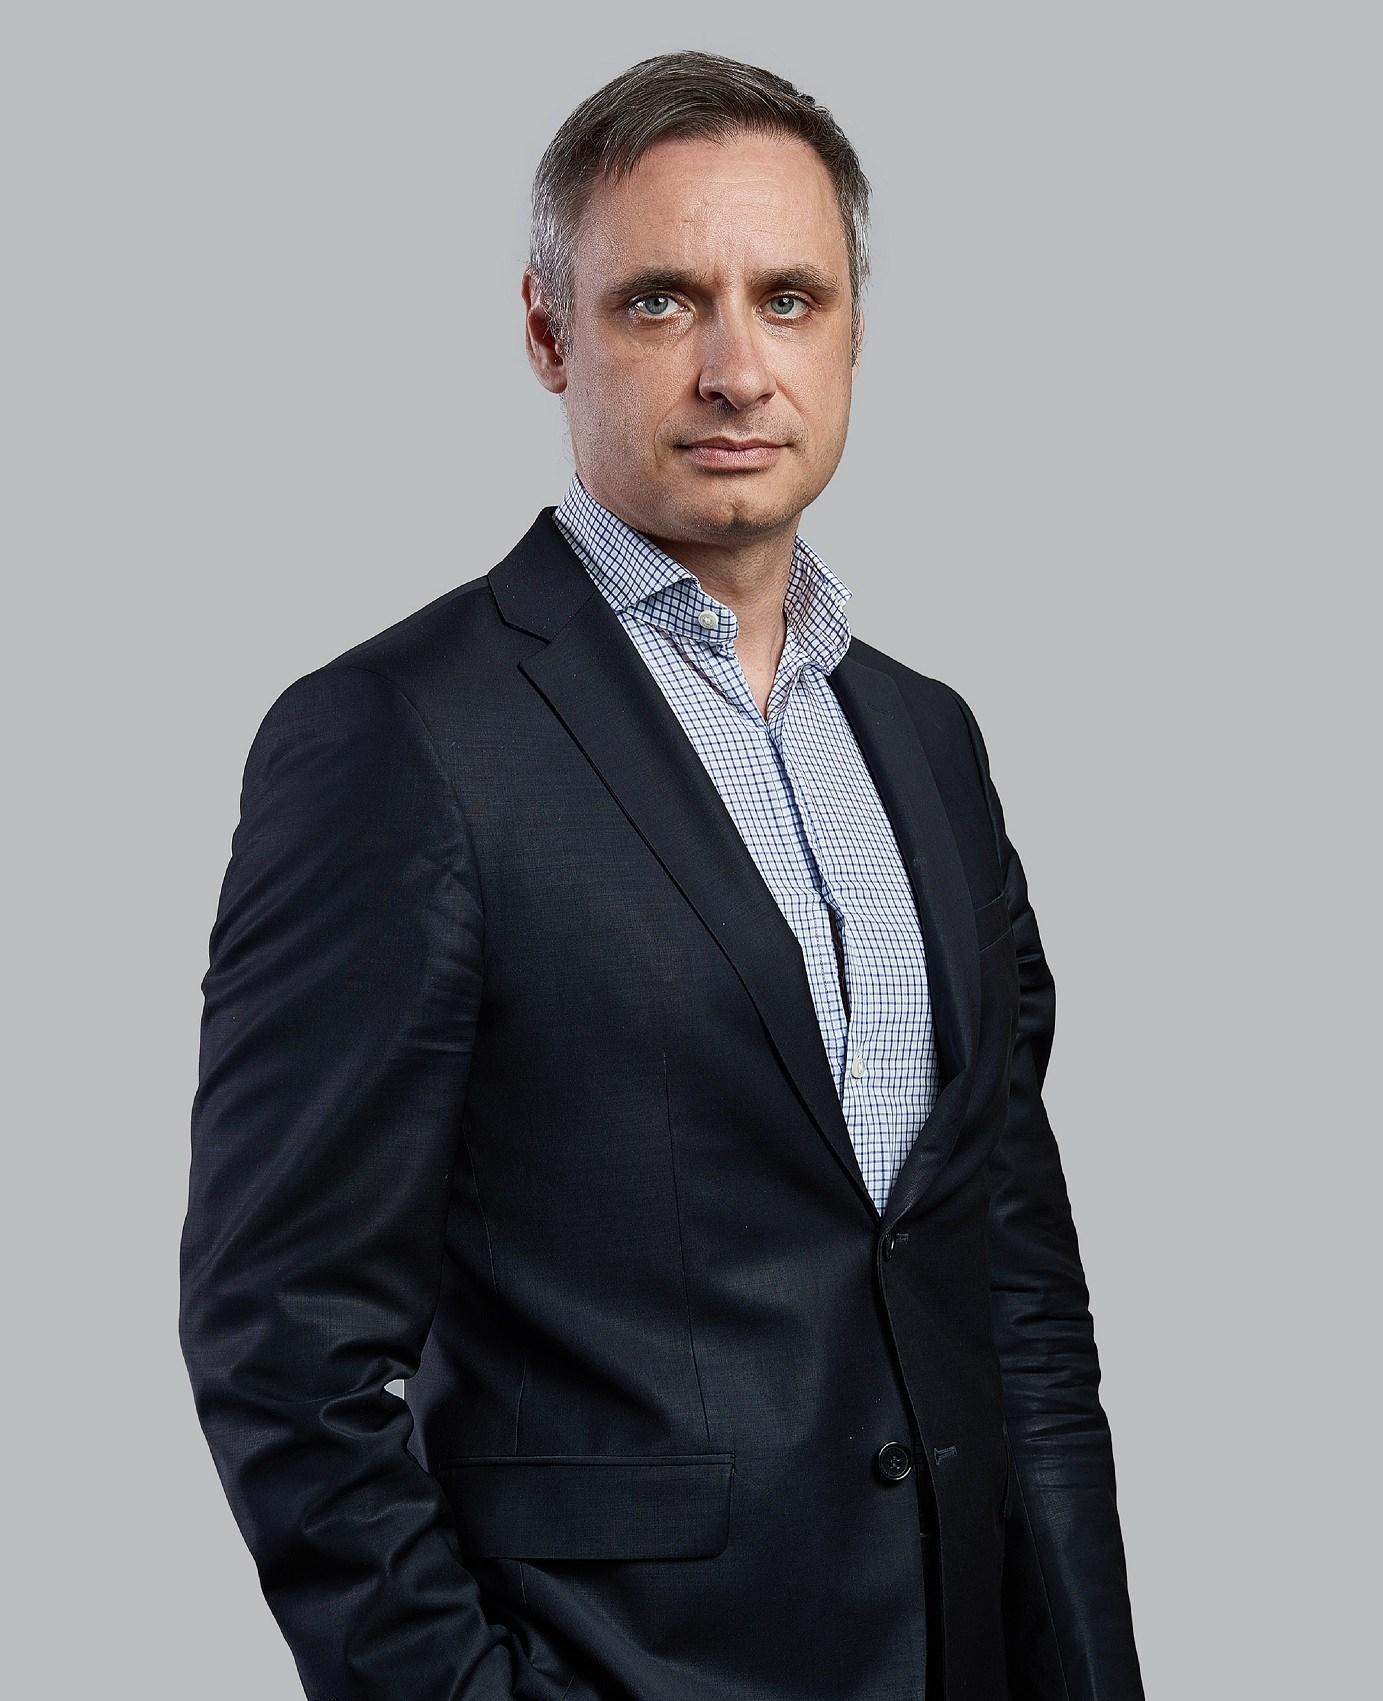 Slaveyko Slaveykov